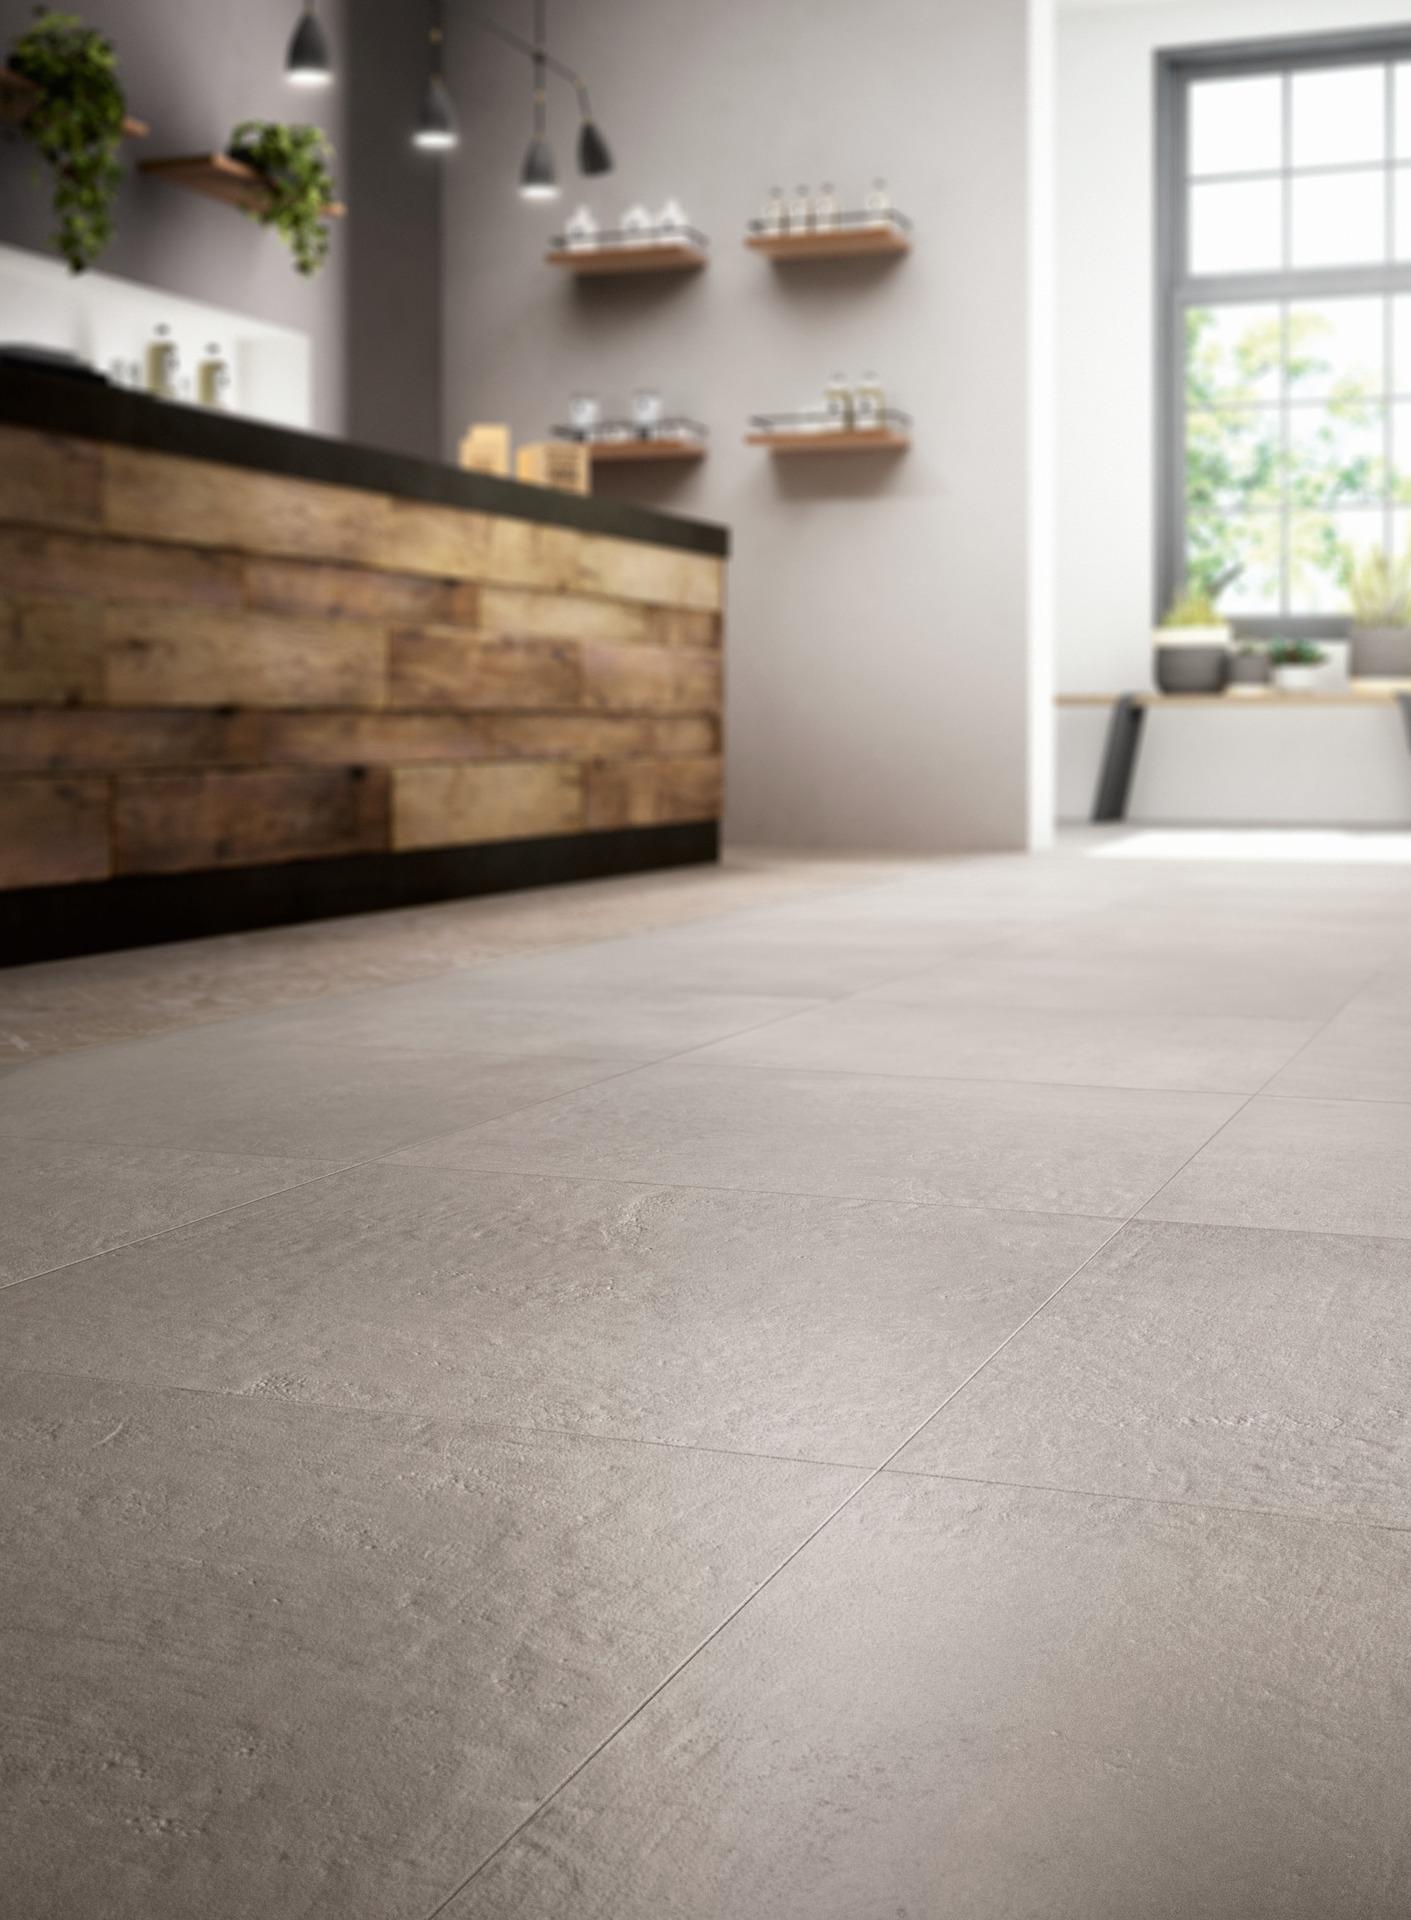 Piastrelle effetto cotto e cemento per interni ed esterni - Piastrelle effetto cemento ...